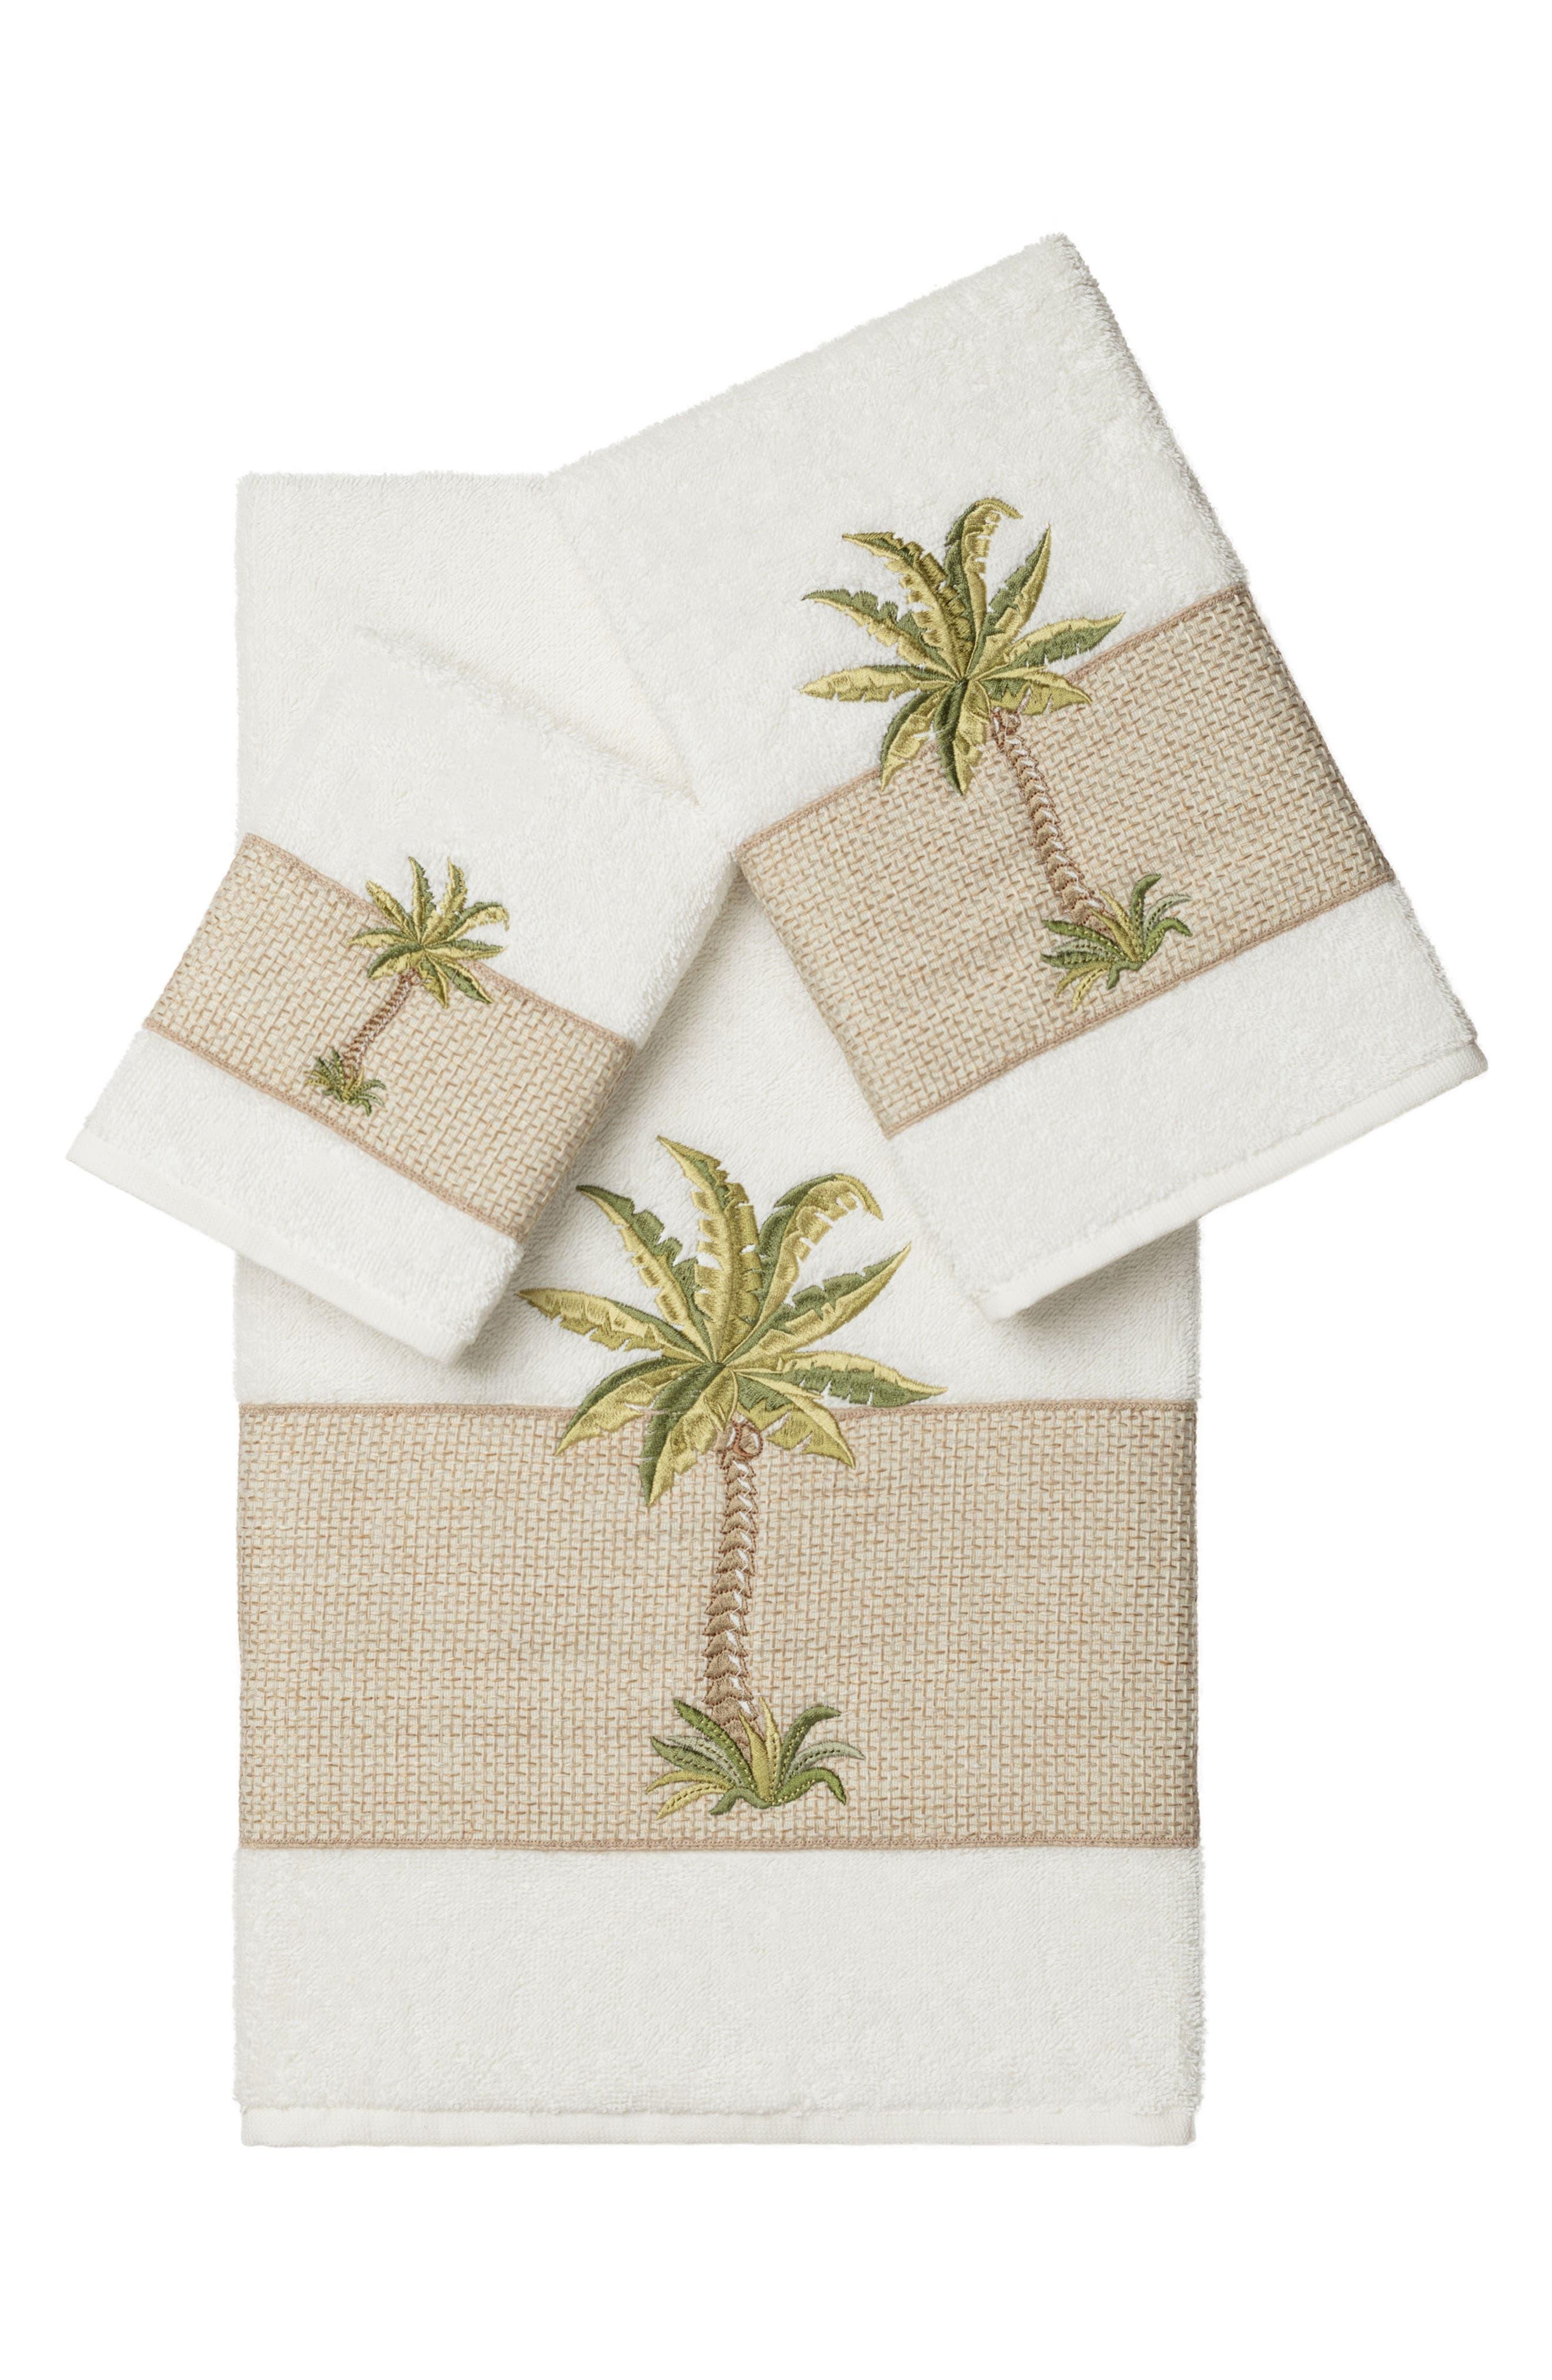 Colton 3-Piece Turkish Cotton Towel Set,                             Main thumbnail 1, color,                             Cream